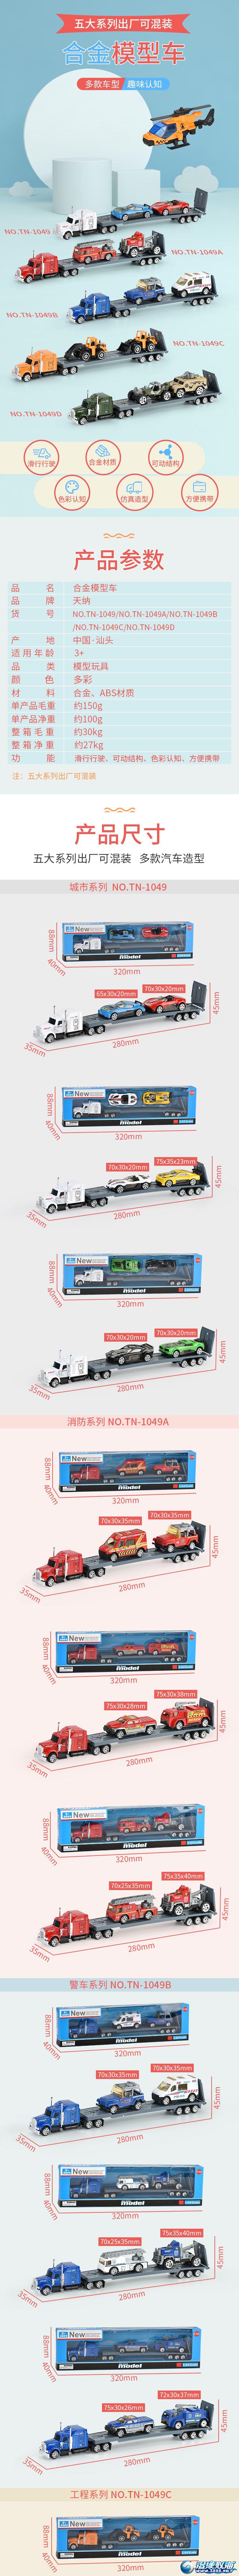 天纳玩具厂-(TN-1049)-合金车模型-中文版详情页_01.jpg